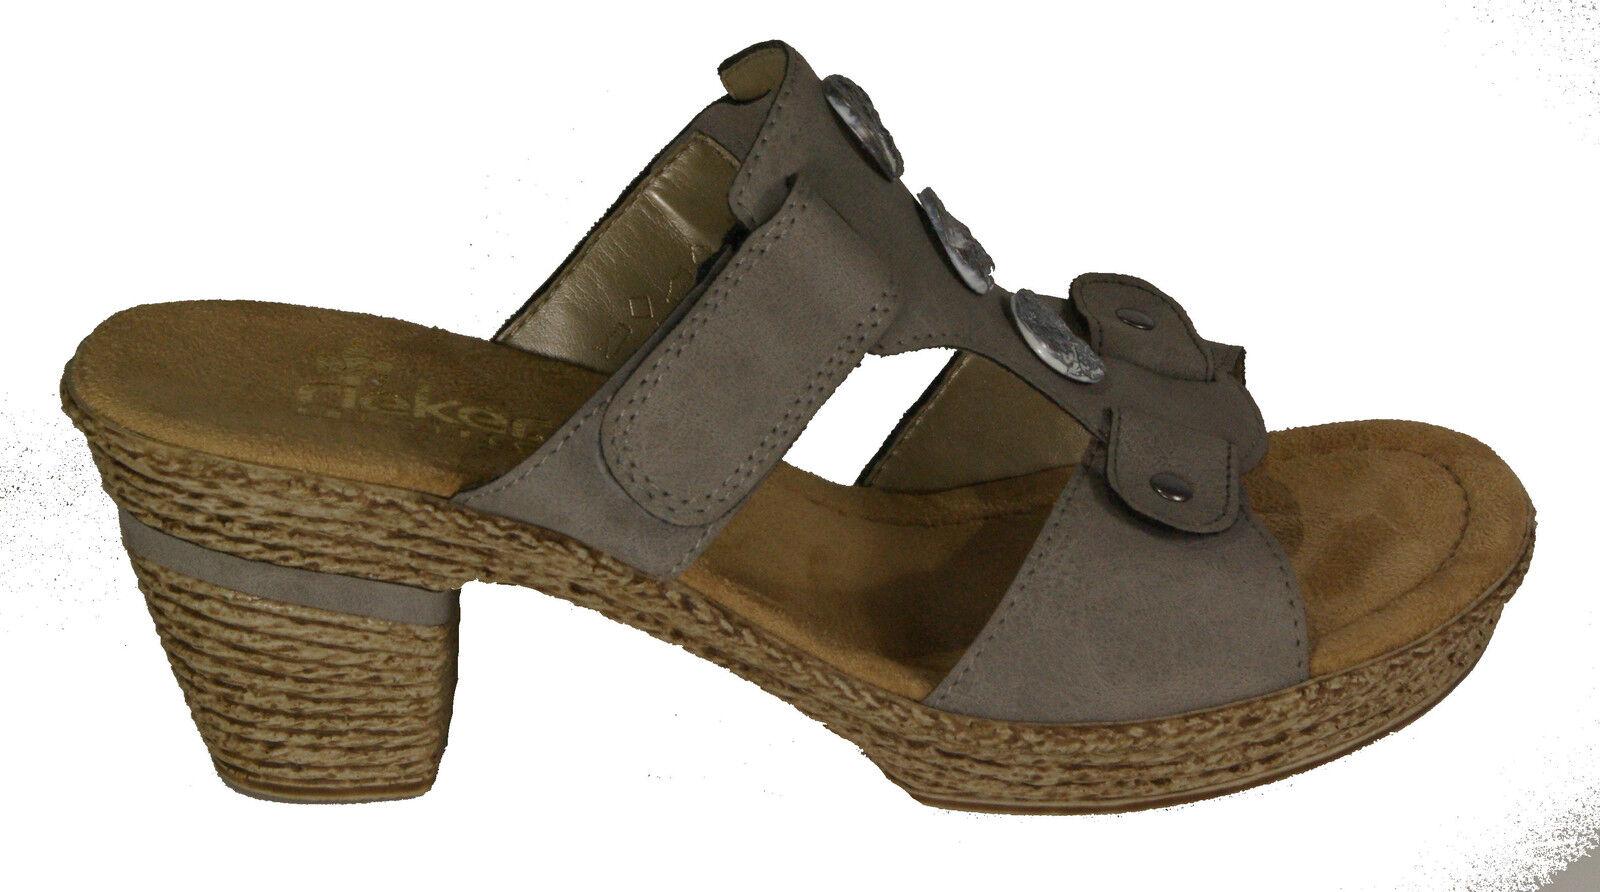 RIEKER Schuhe Pantoletten grau Klettverschluss Plateau  NEU